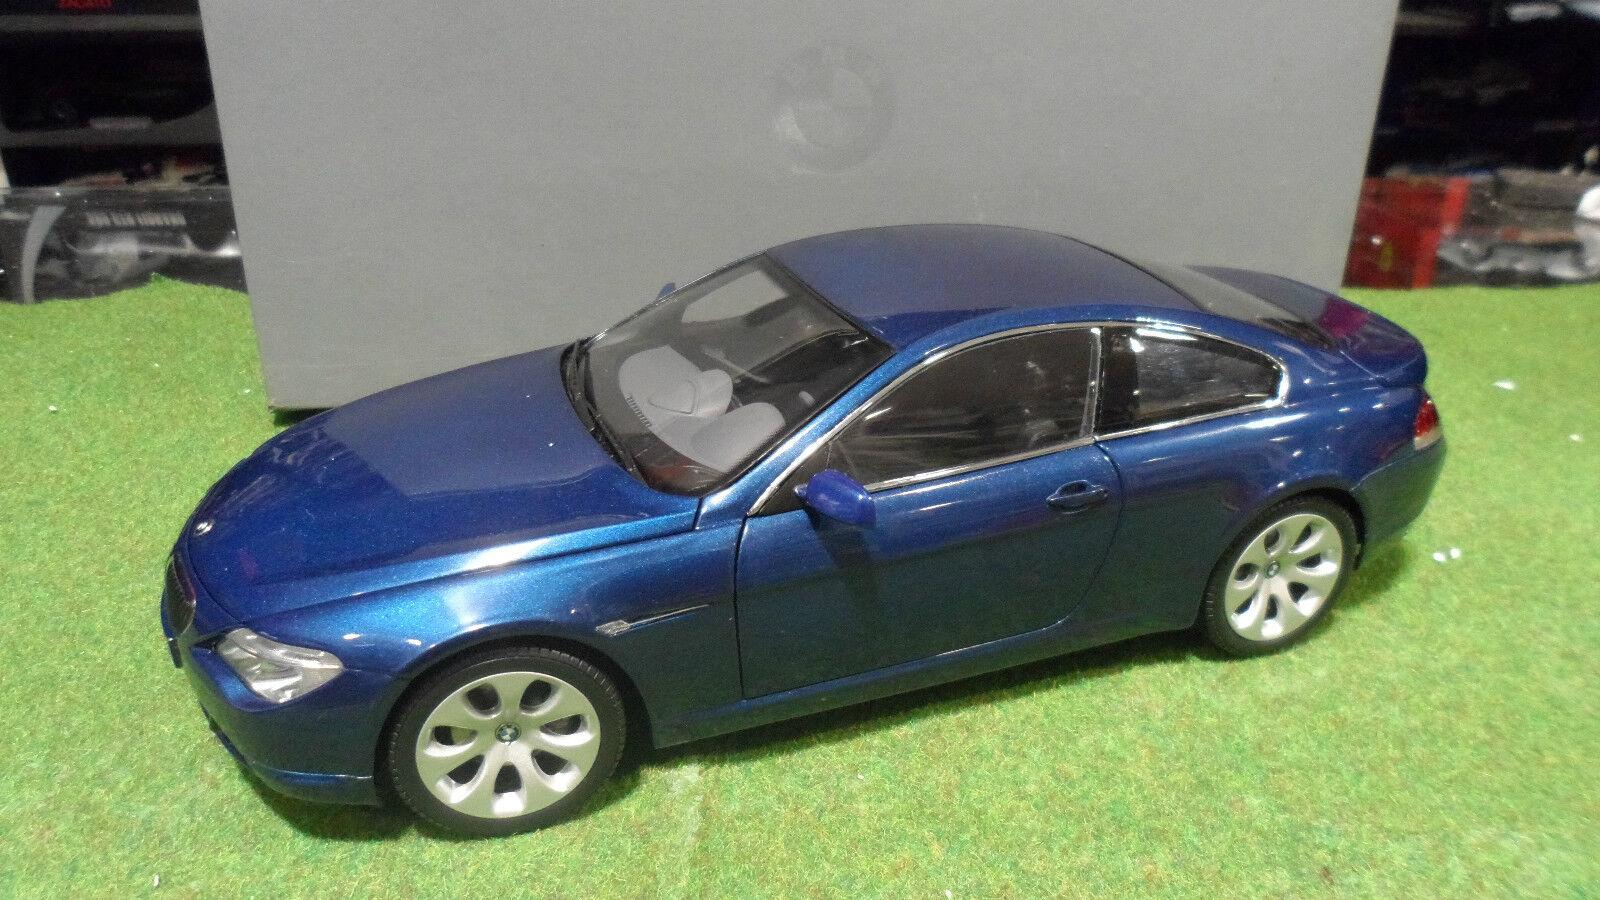 BMW Série 6 Coupé blu 1 18    KYOSHO Btq 80430153284 voiture miniature collection 20200f